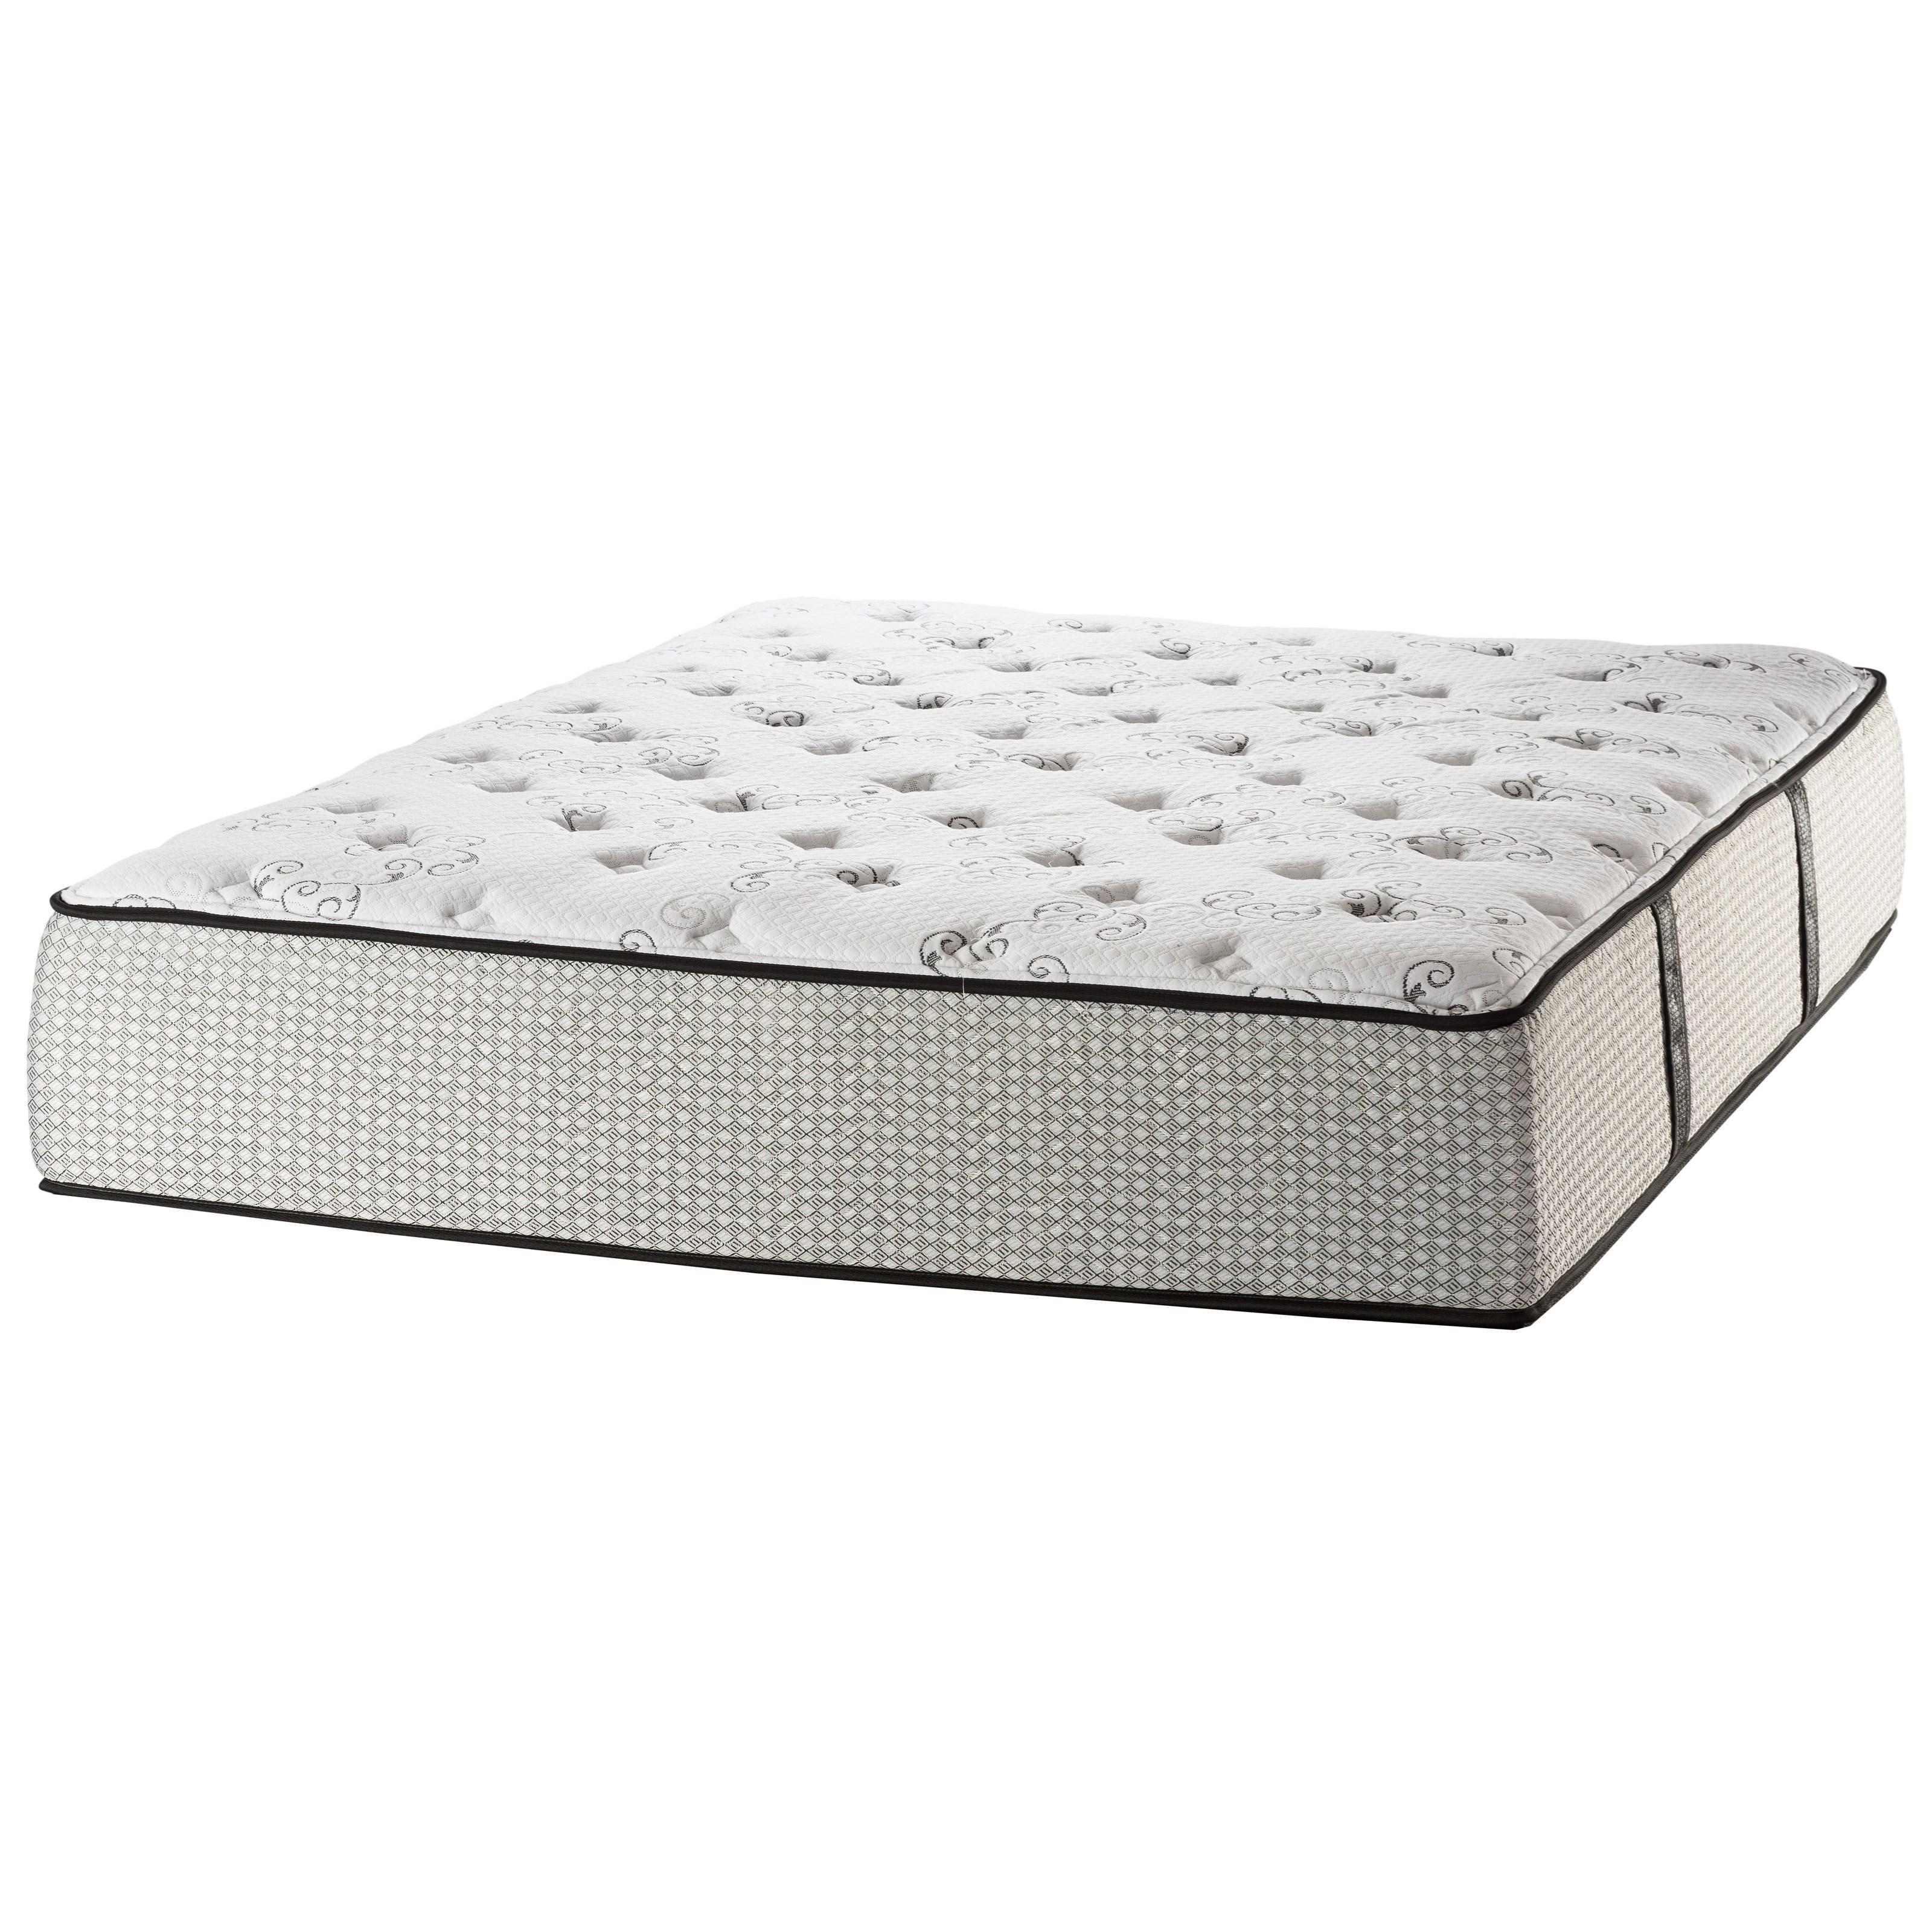 White Dove Mattress Cambridge State St Plush Queen Plush Mattress - Item Number: SSPlush-Q